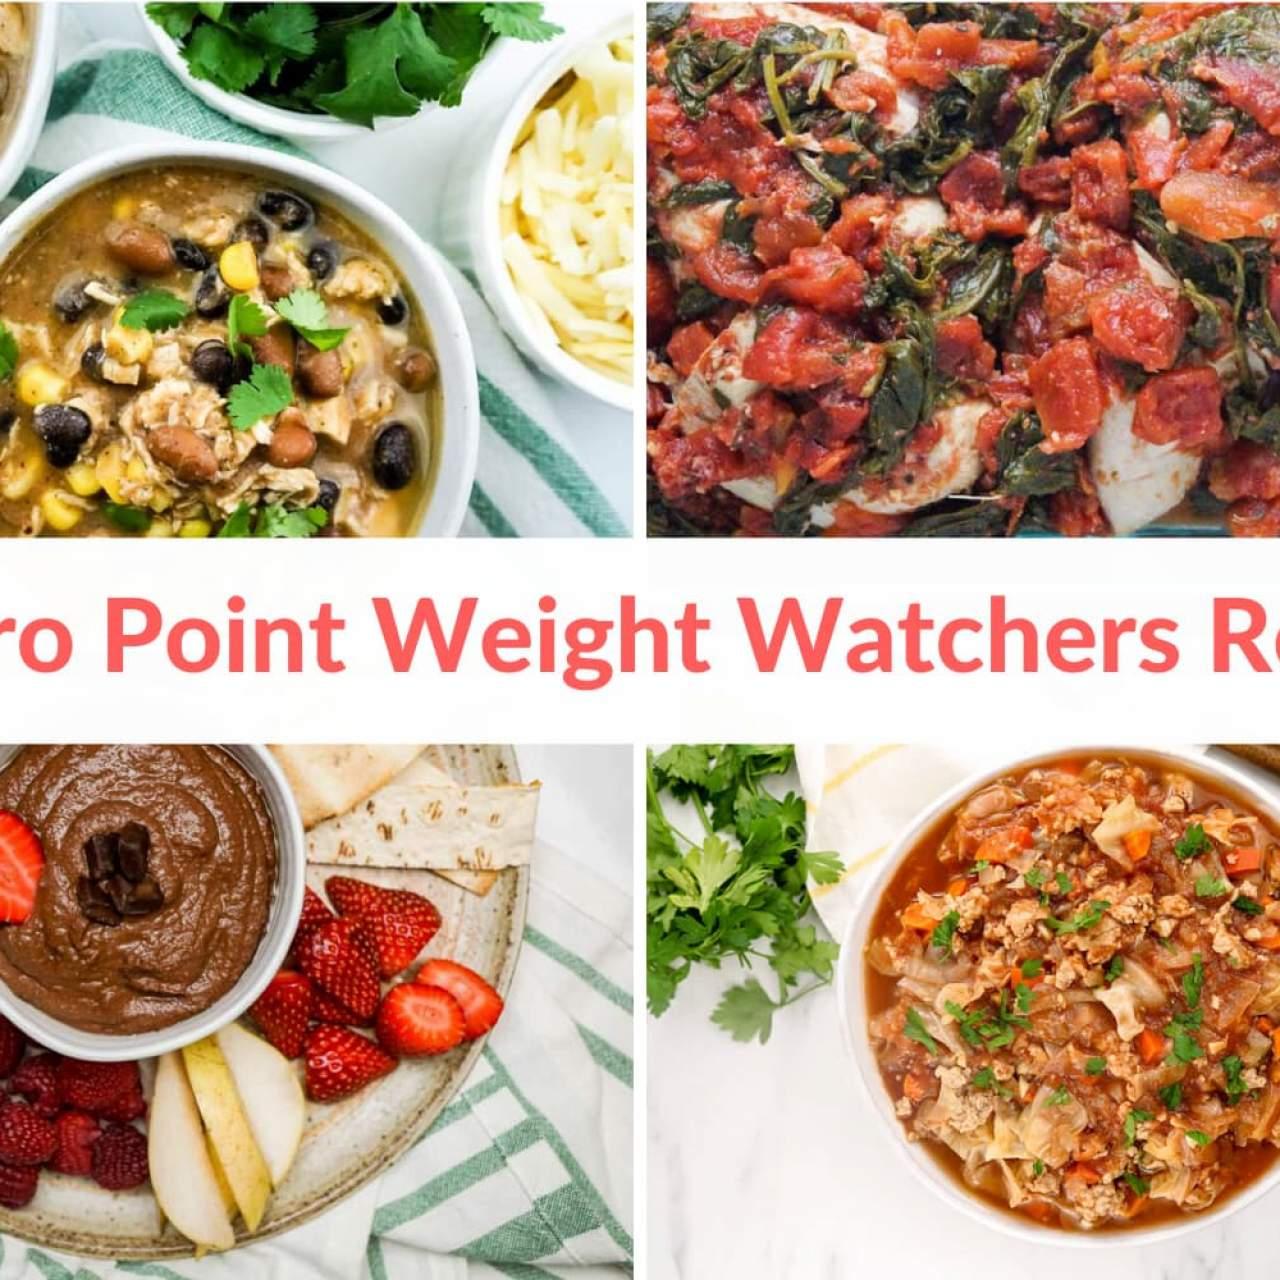 Thirty Zero Point Weight Watchers Recipes Slender Kitchen